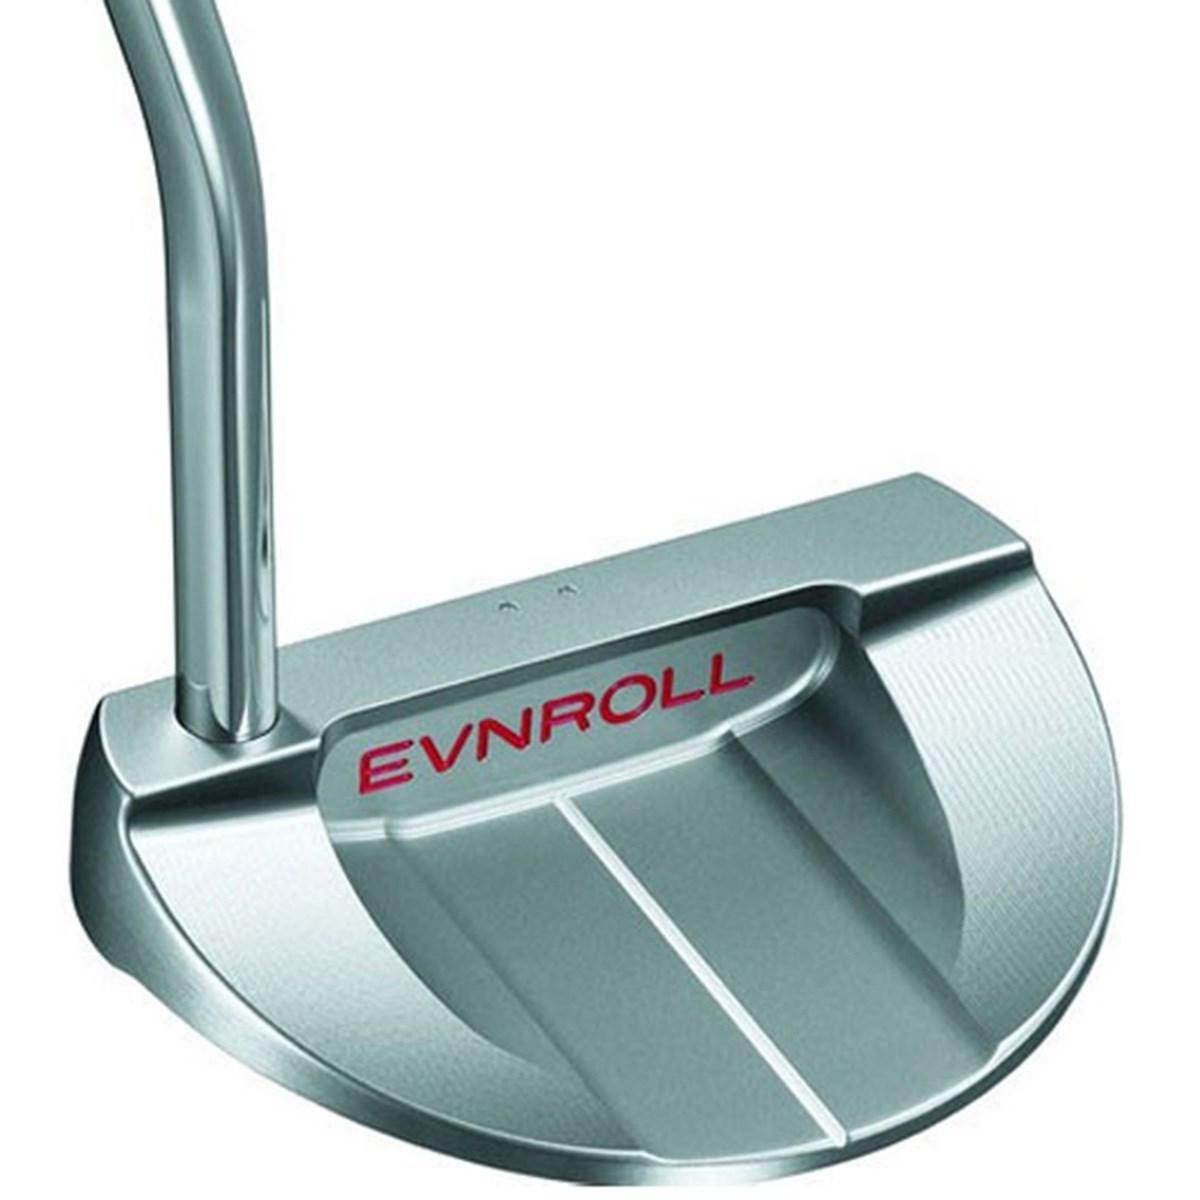 イーブンロール EVNROLL ER8 パター シャフト:FST.370 シングルベンド 34inch 【USモデル】